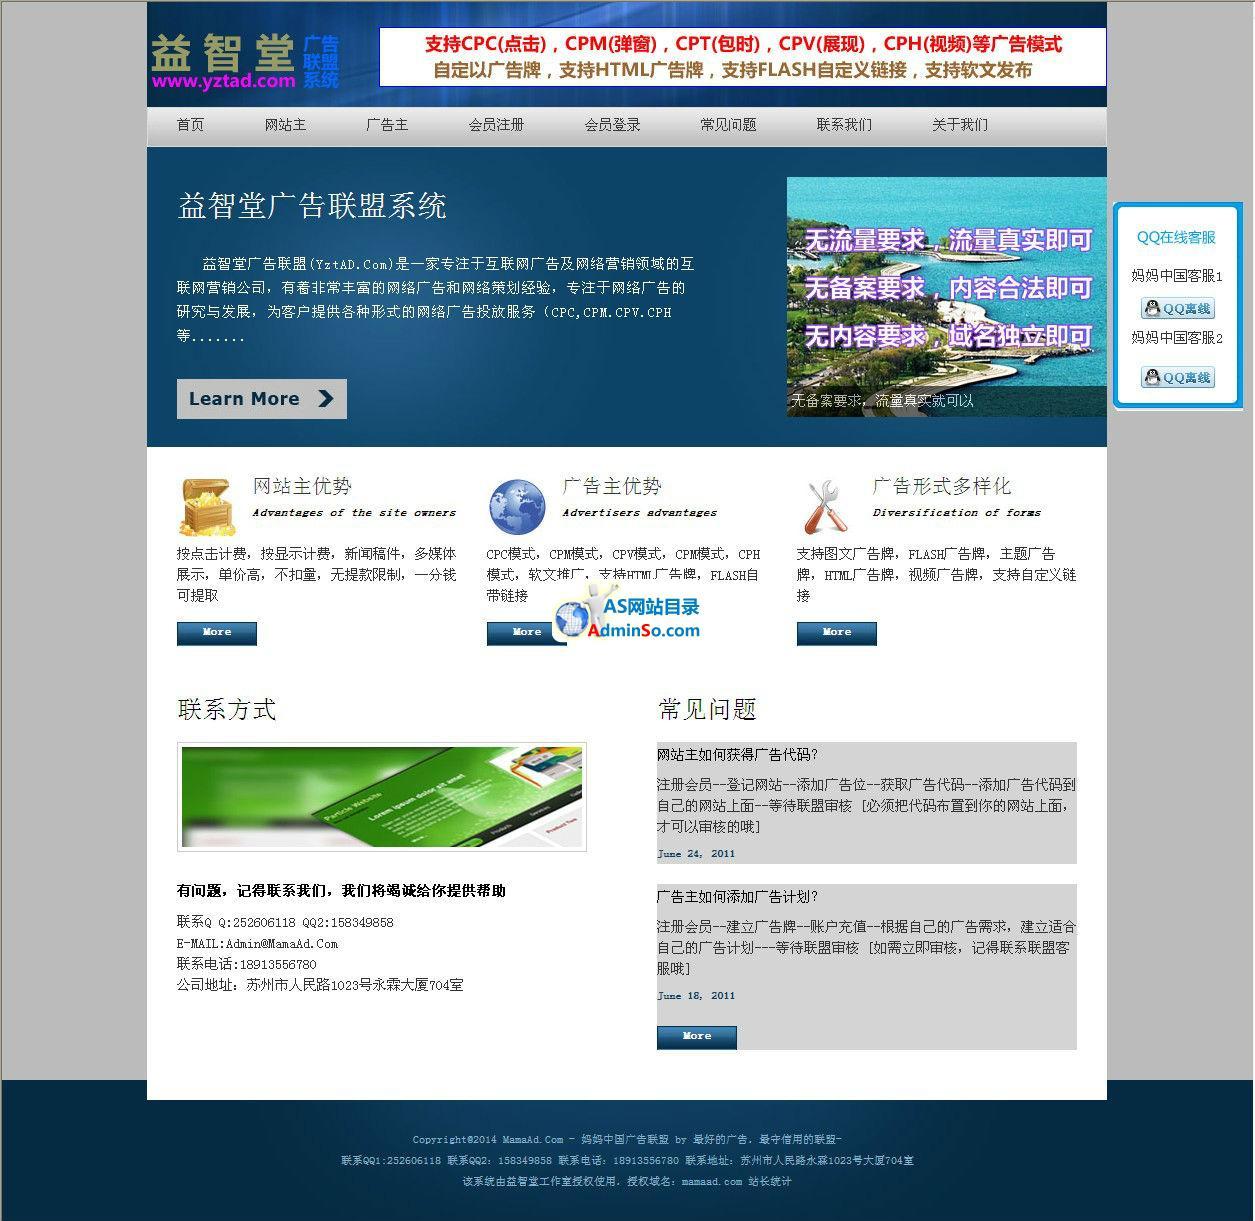 益智堂广告联盟系统